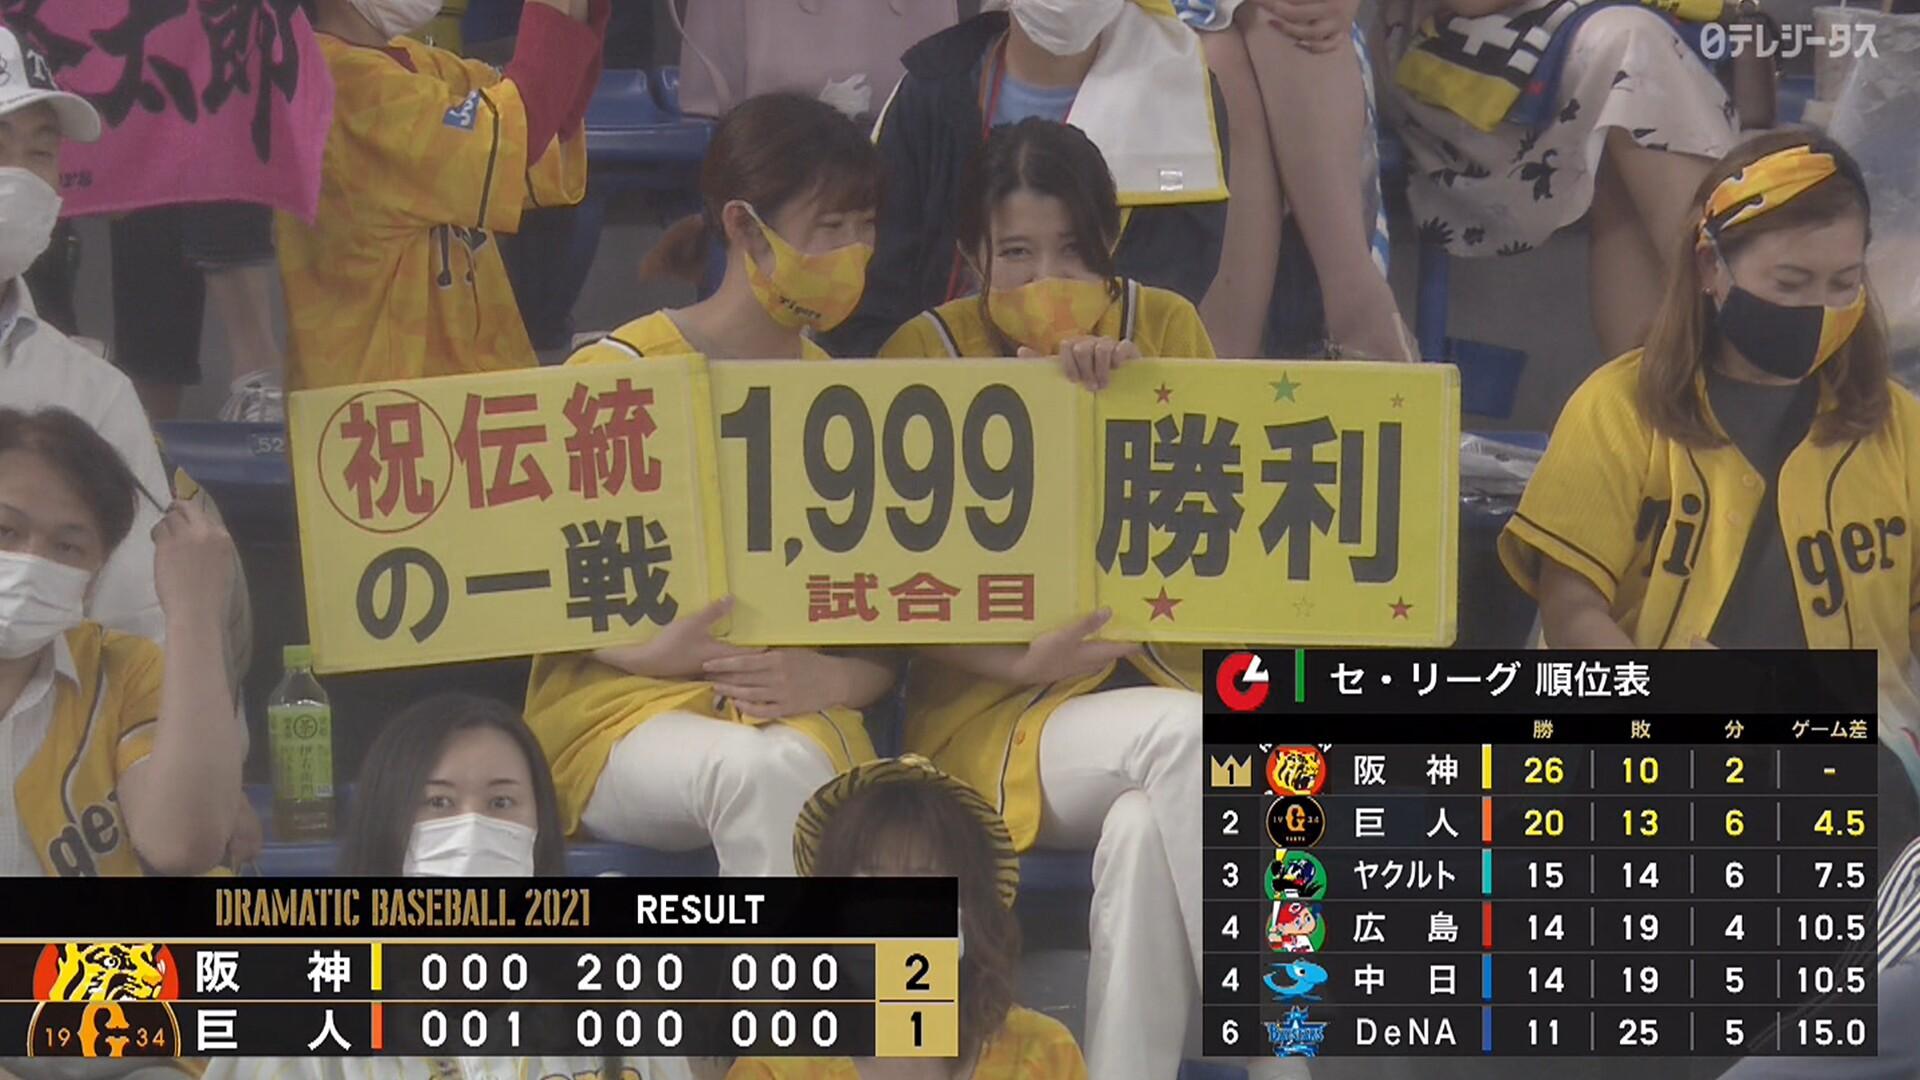 阪神、貯金16! 巨人と4.5ゲーム差で負け無しの土日へ